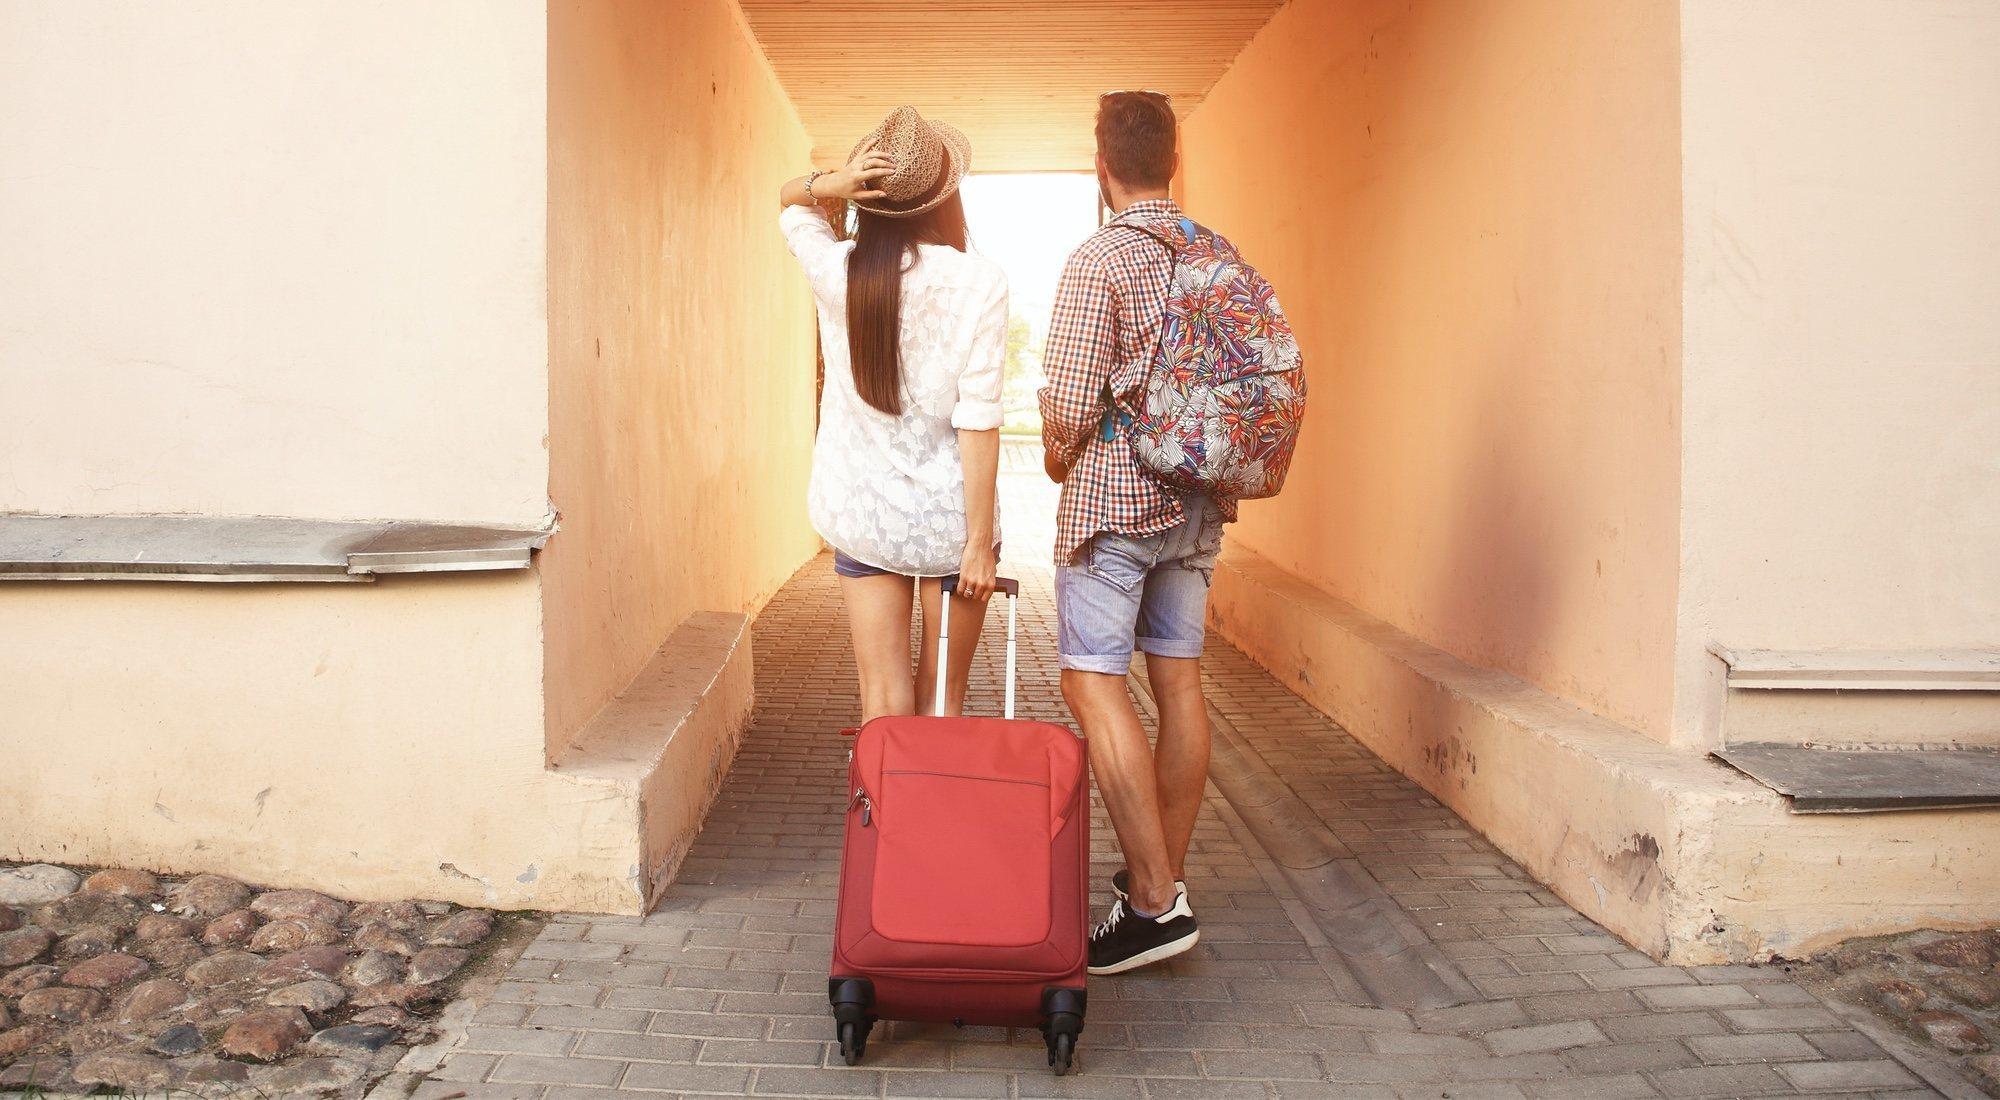 Escapada romántica en pareja en fines de semana: consejos